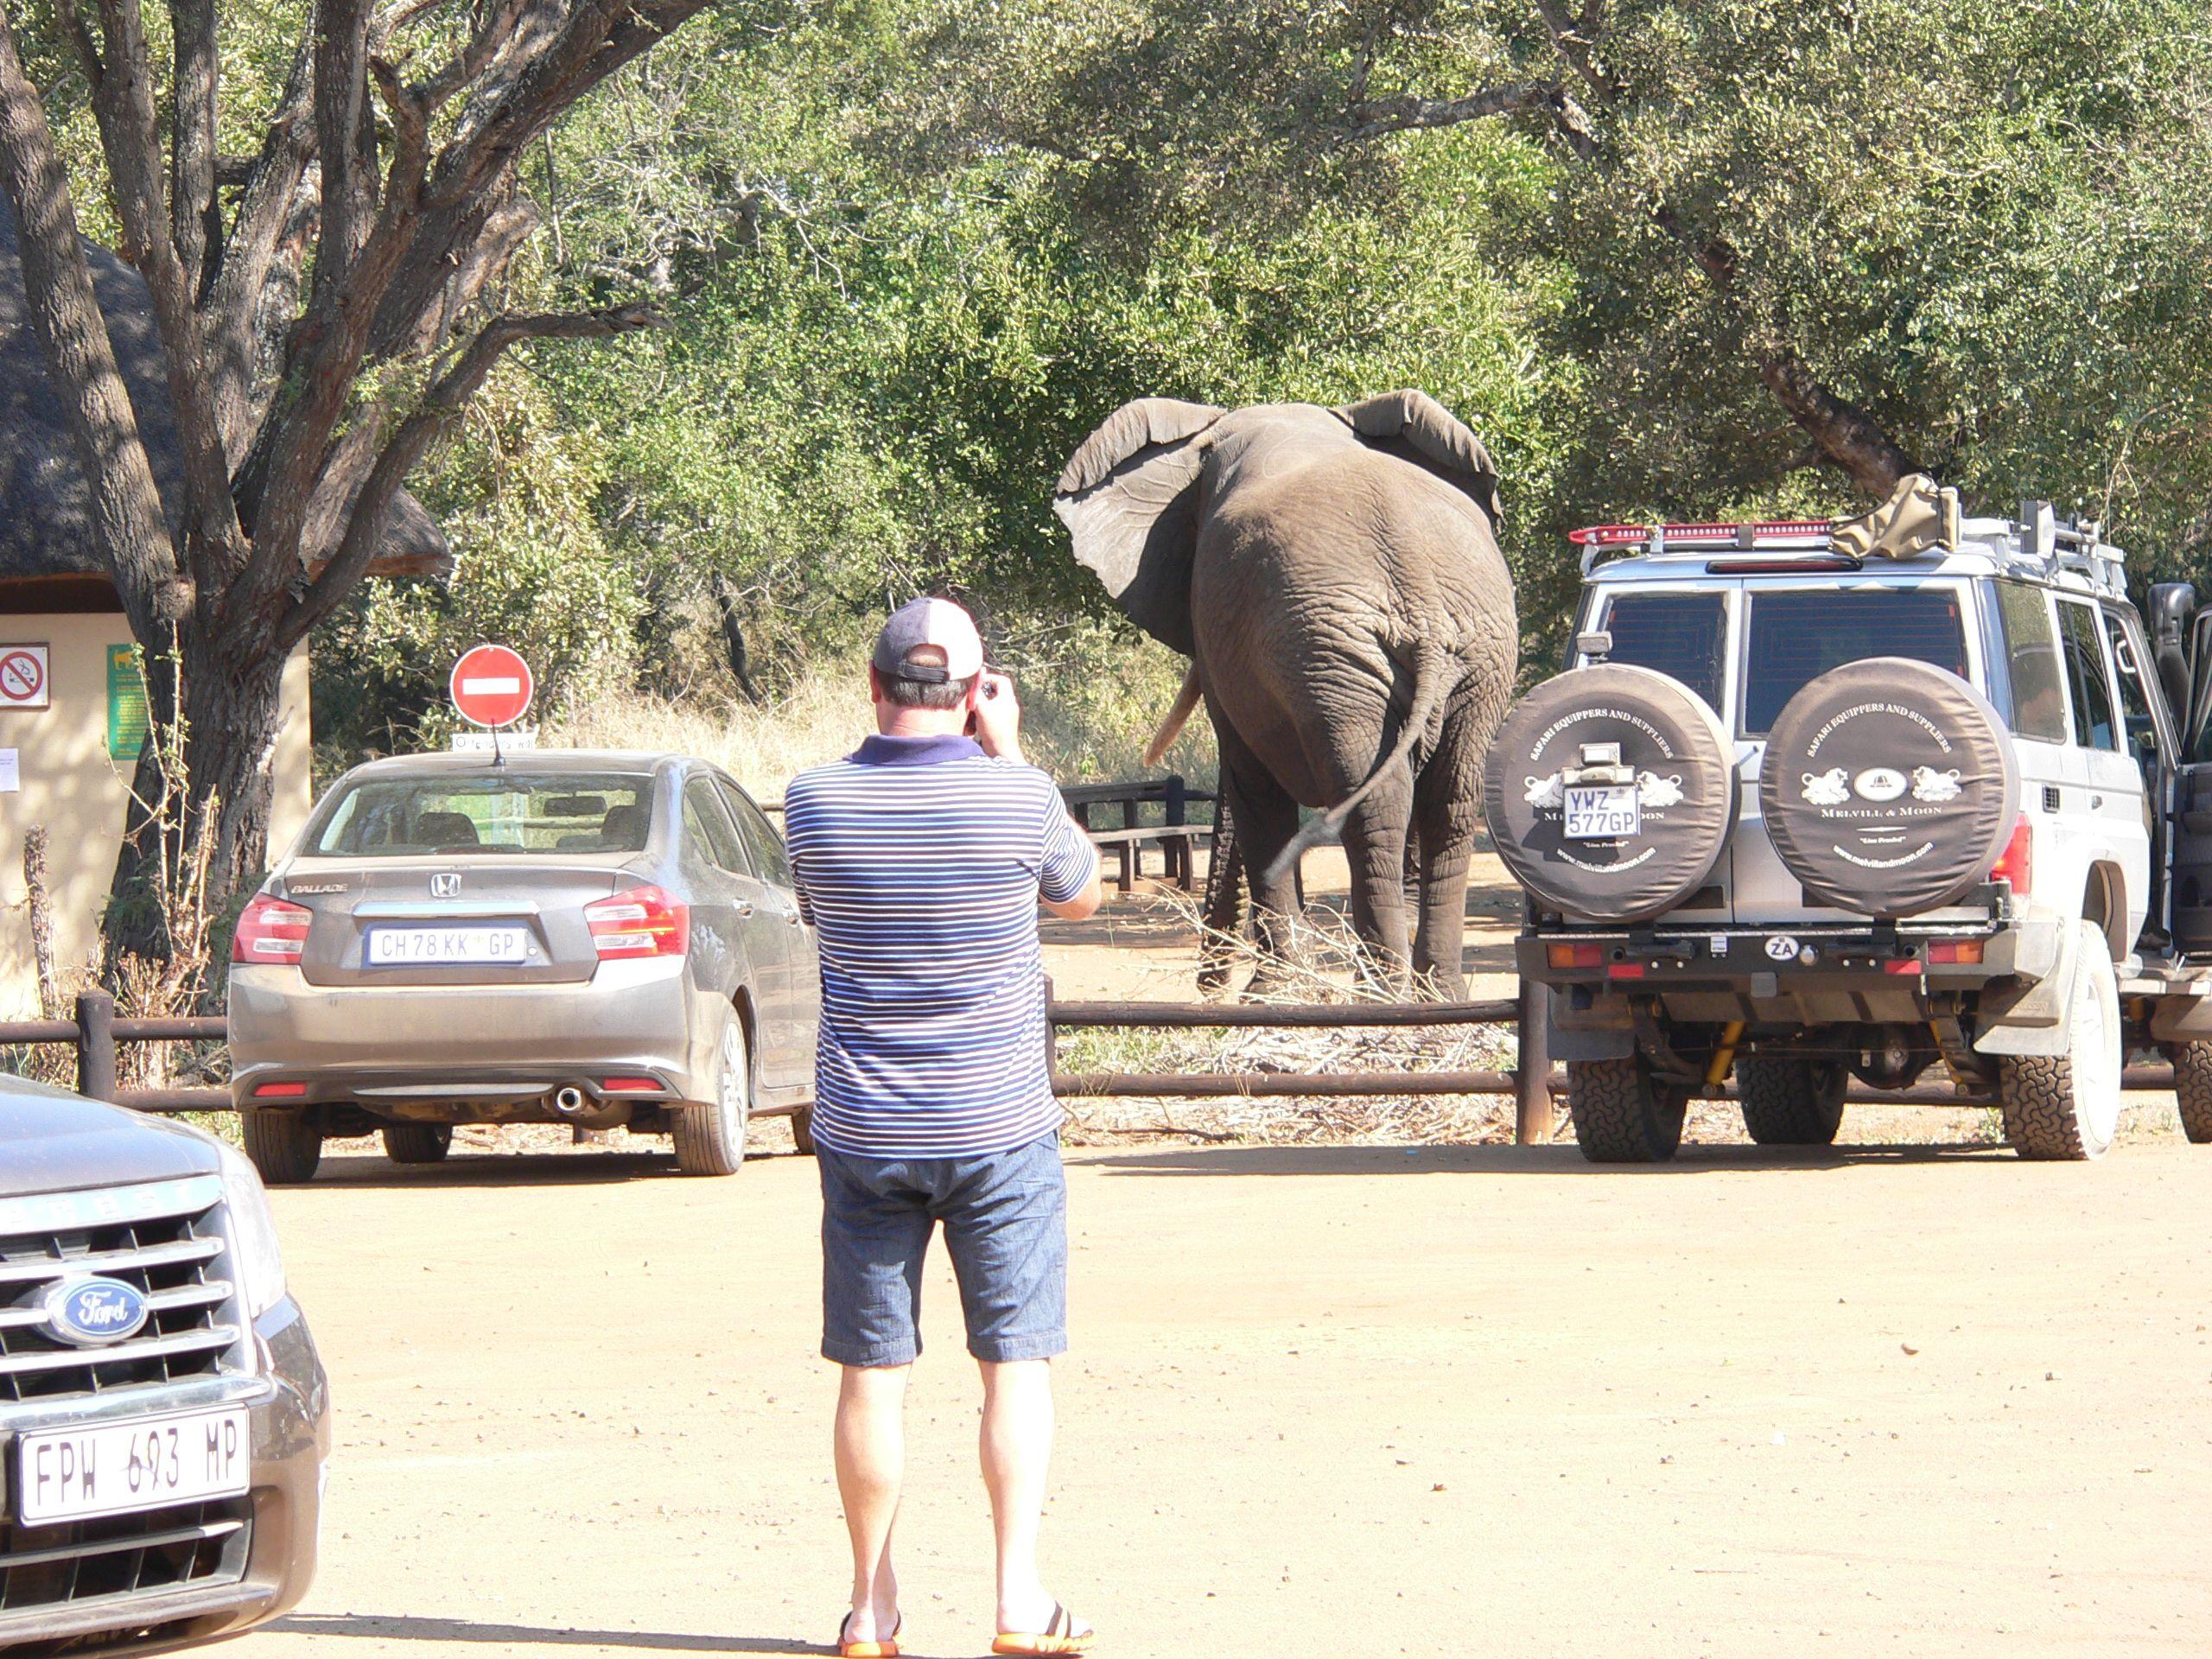 Konsternasie by Tshokwane piekniekplek in Kruger Wildtuin, toe die olifant rustig daar begin wei het